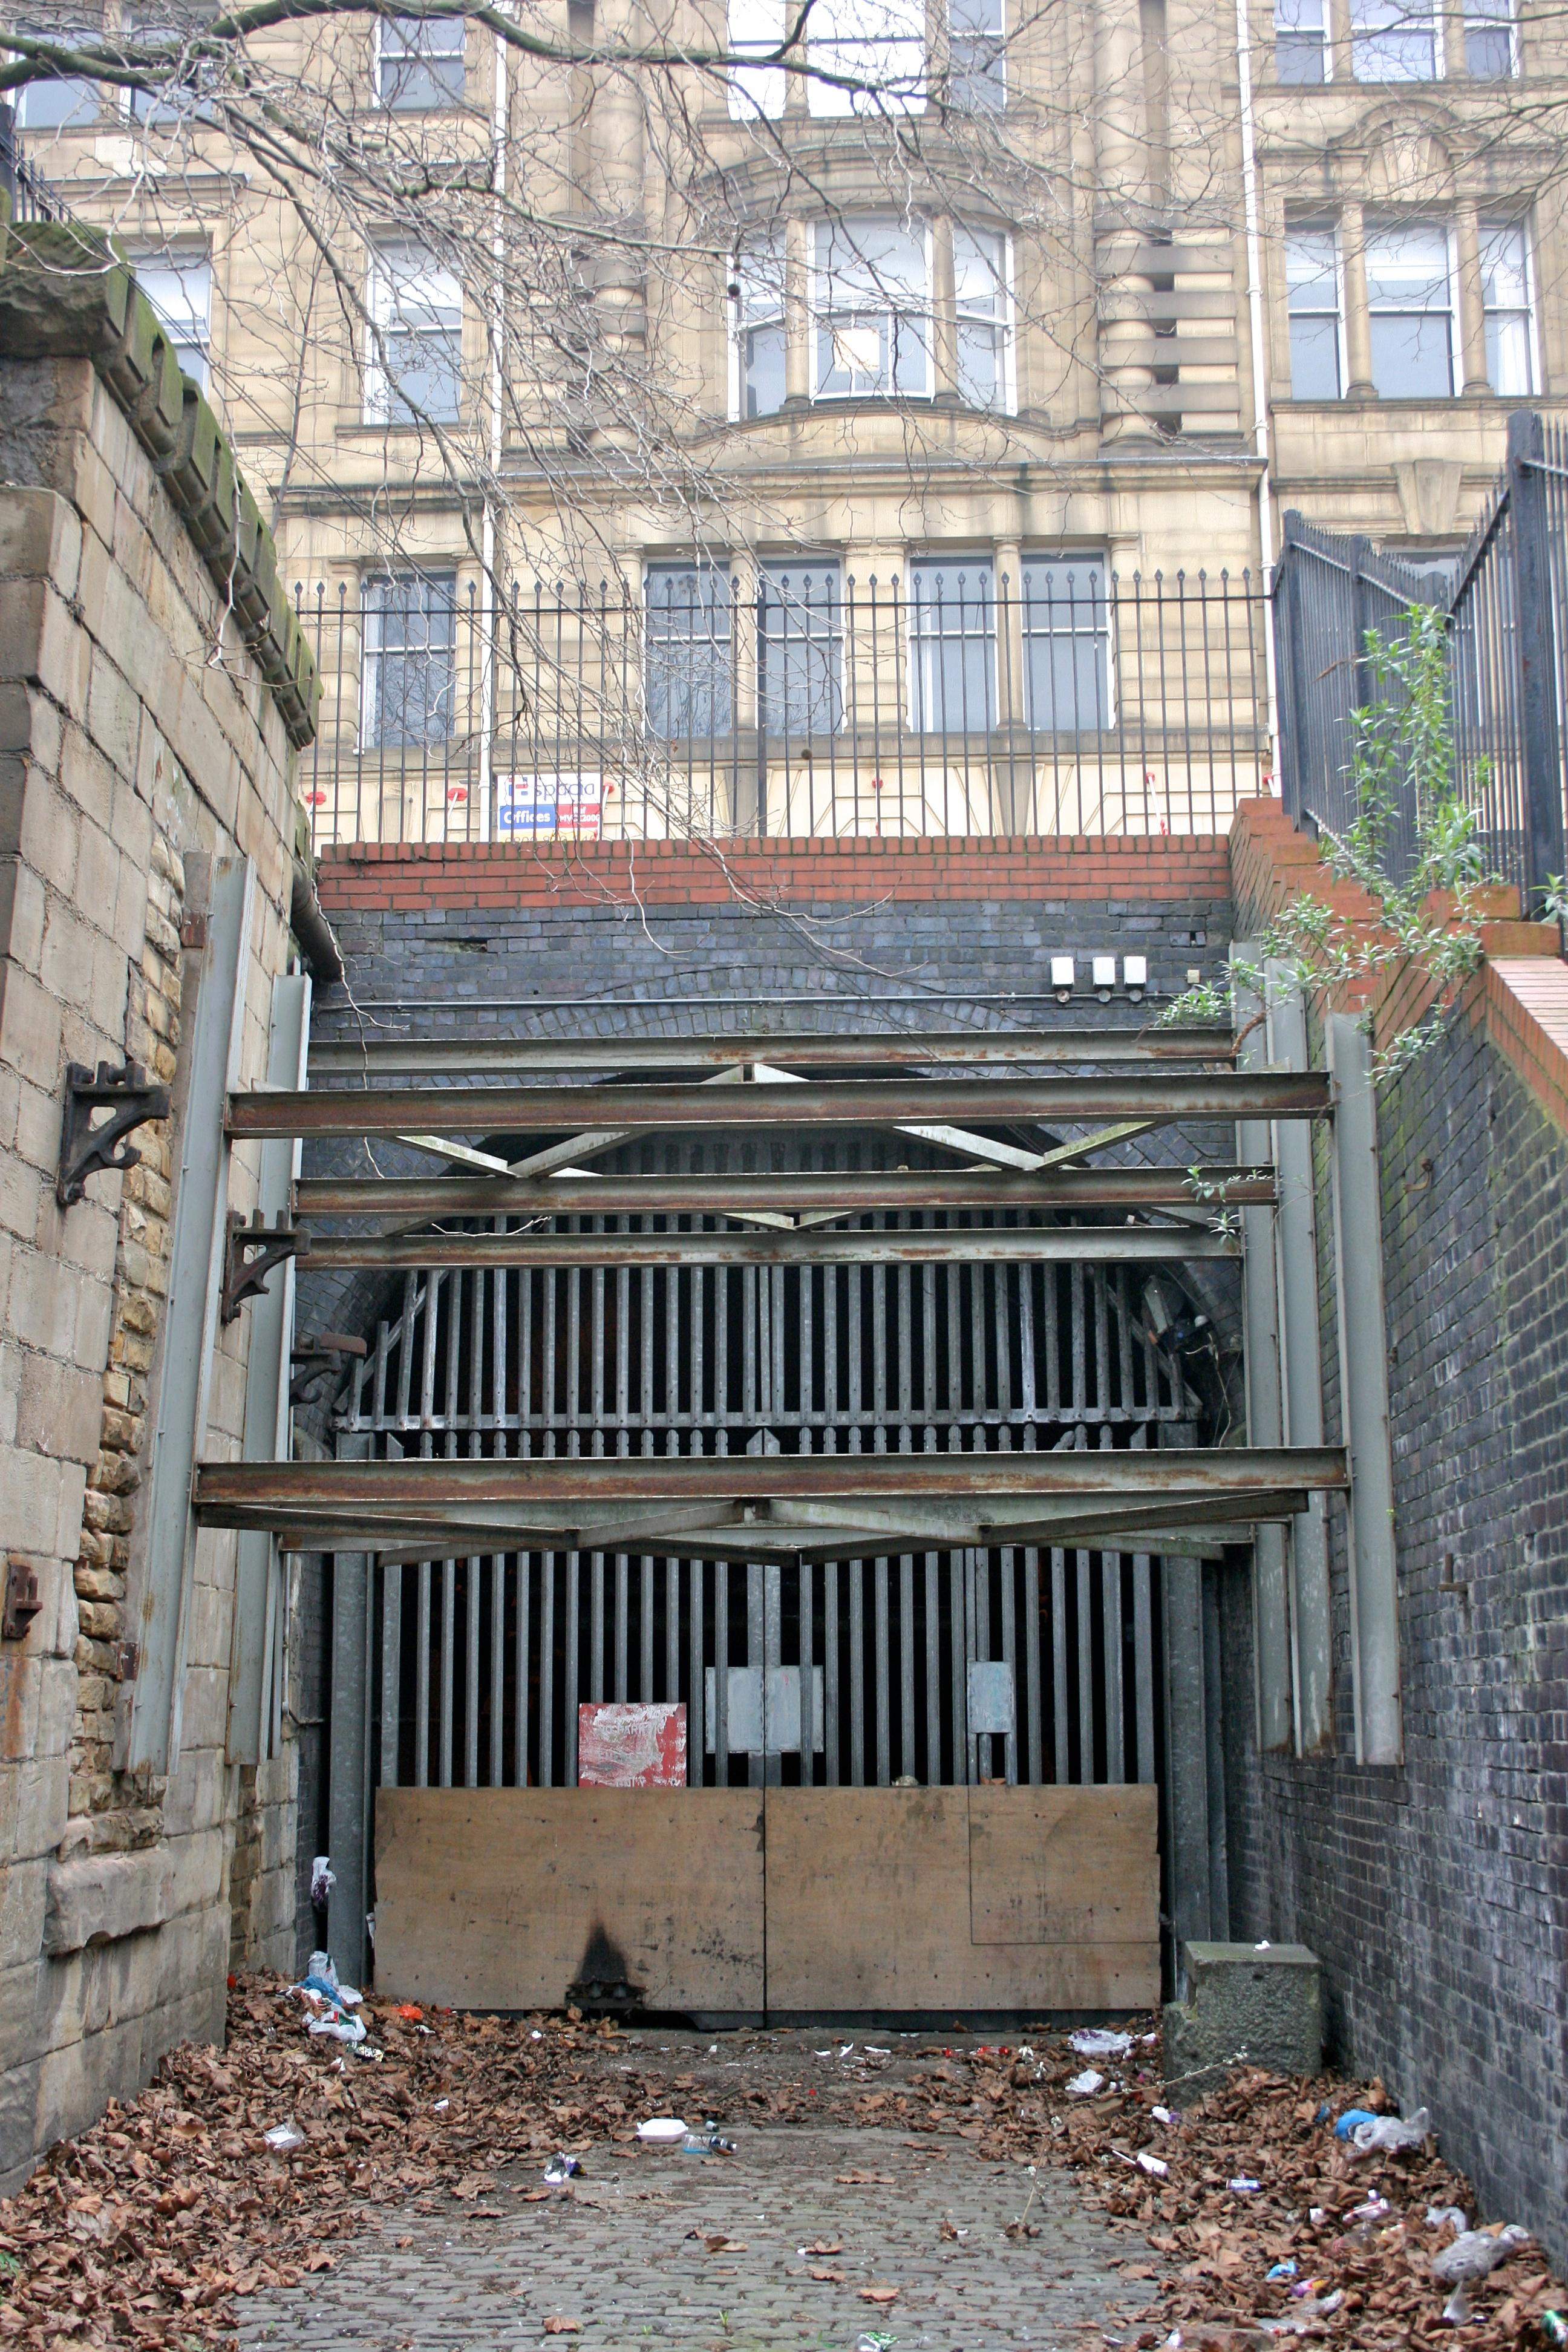 File:Manchester Victoria Station underground approach 1.jpg ...